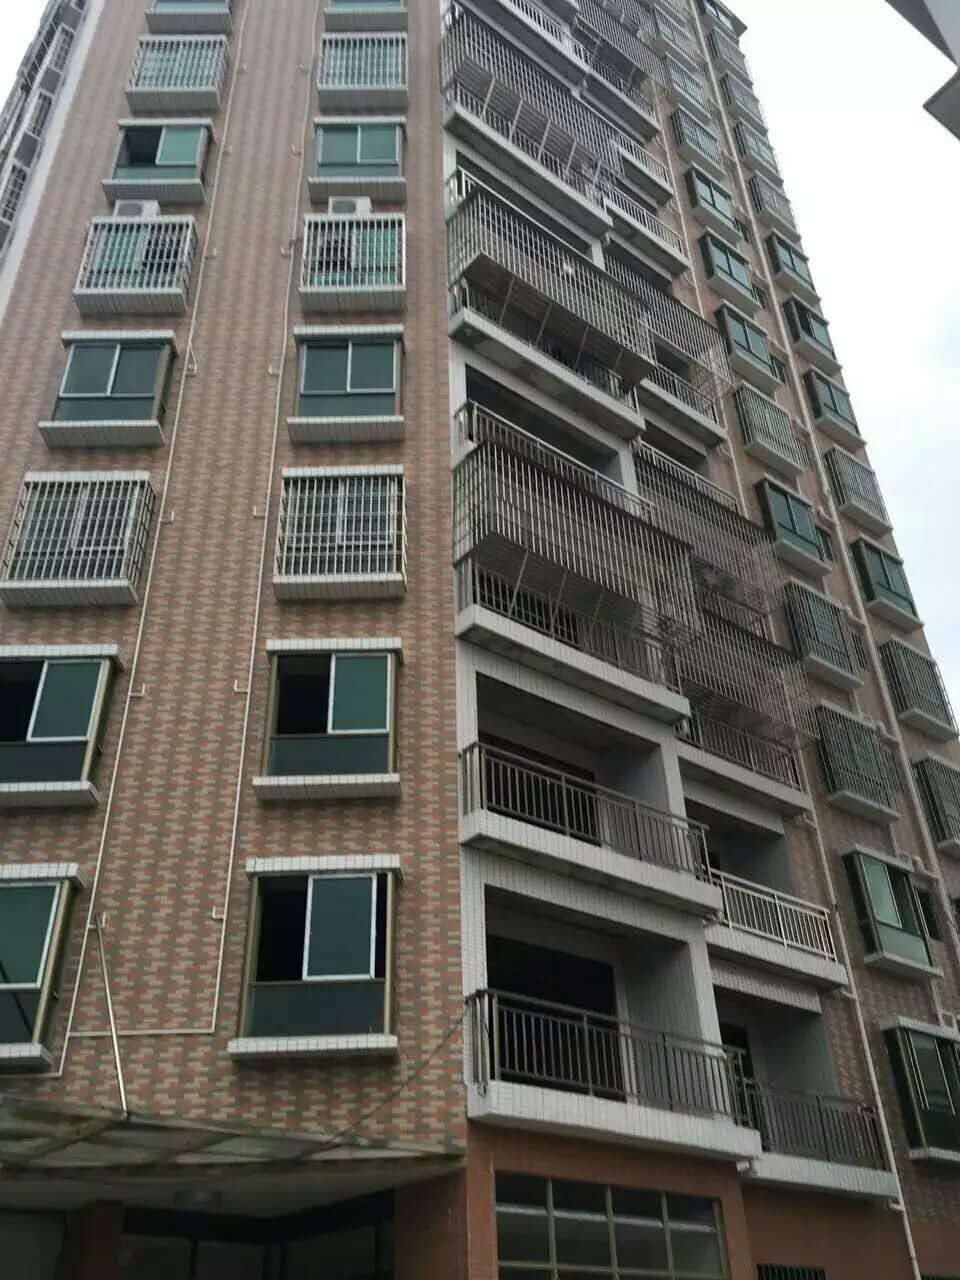 深圳公明楼村小产权三房110平米58万,户型方正实用 三房二厅 第4张